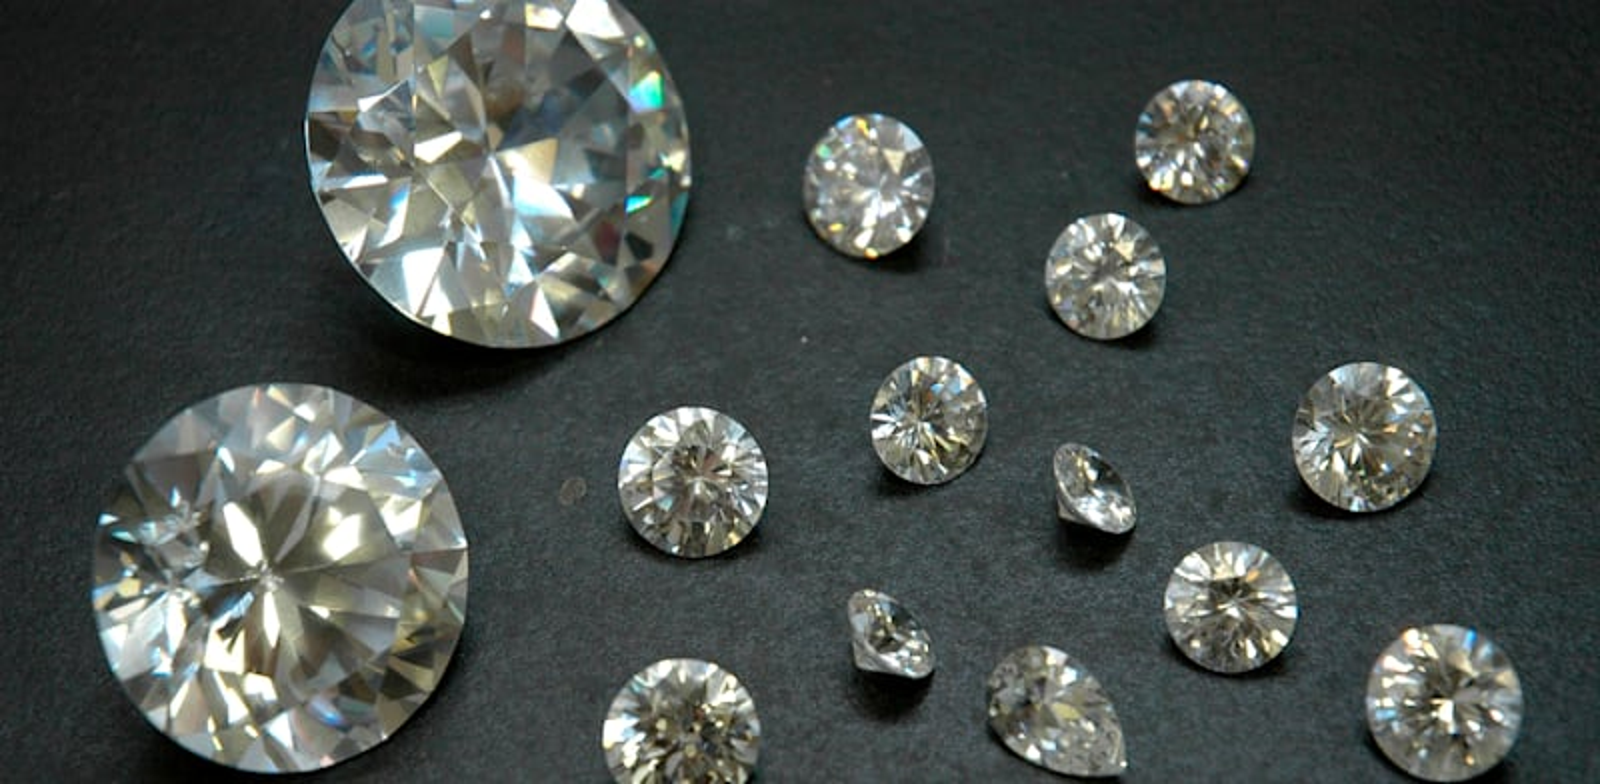 יהלומים. סימני התאוששות בענף / צילום: תמר מצפי